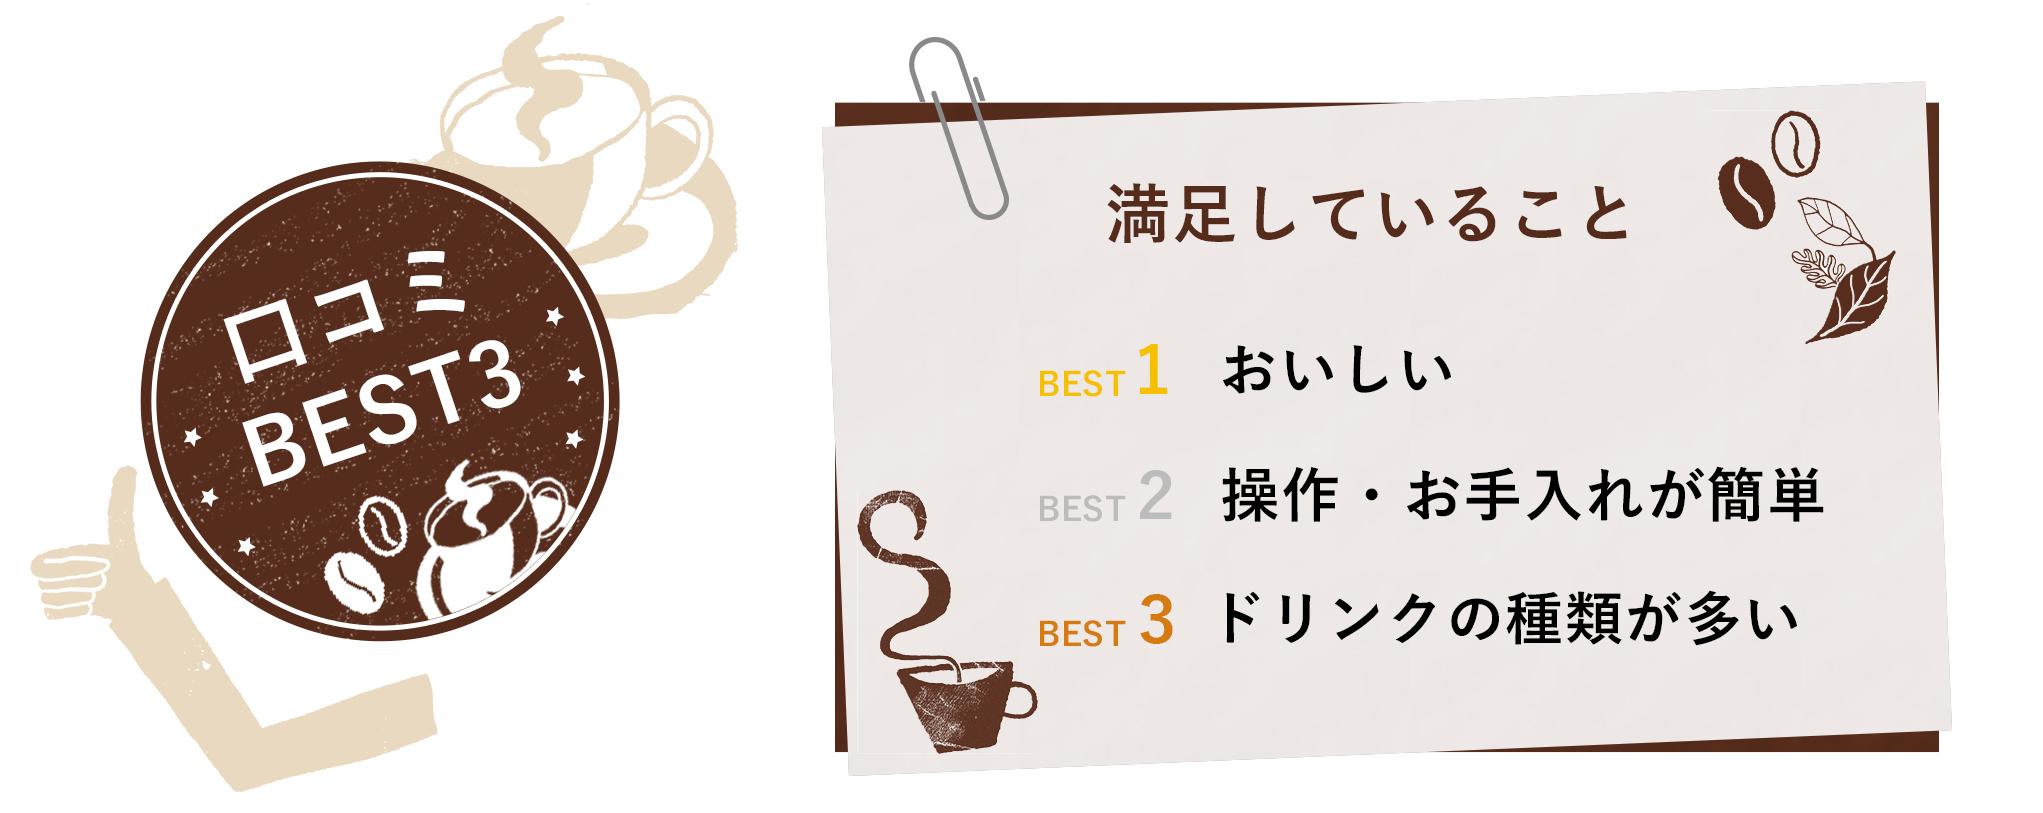 口コミBEST3